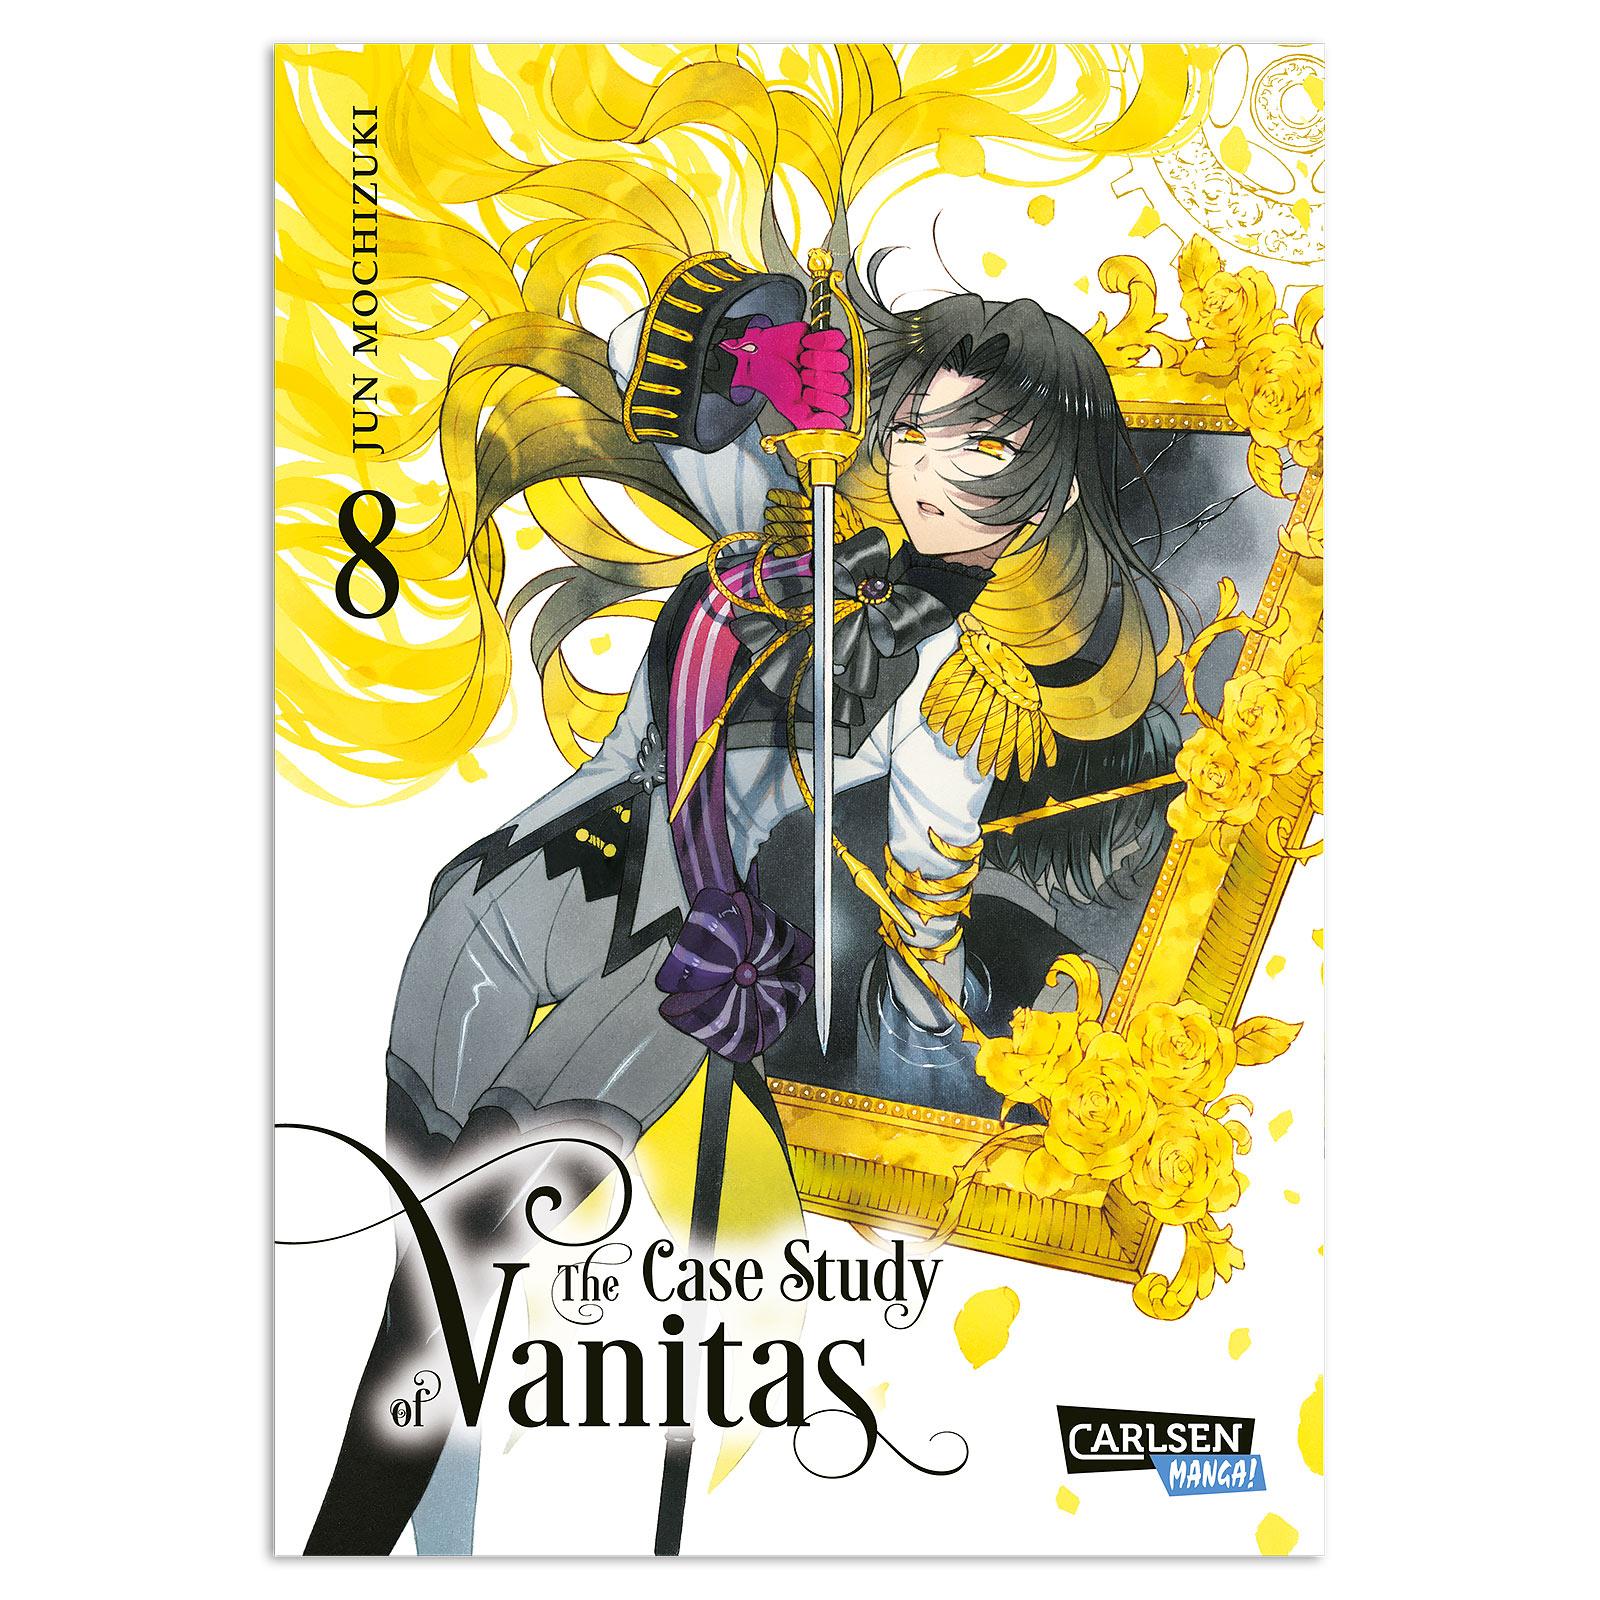 The Case Study Of Vanitas - Band 8 Taschenbuch